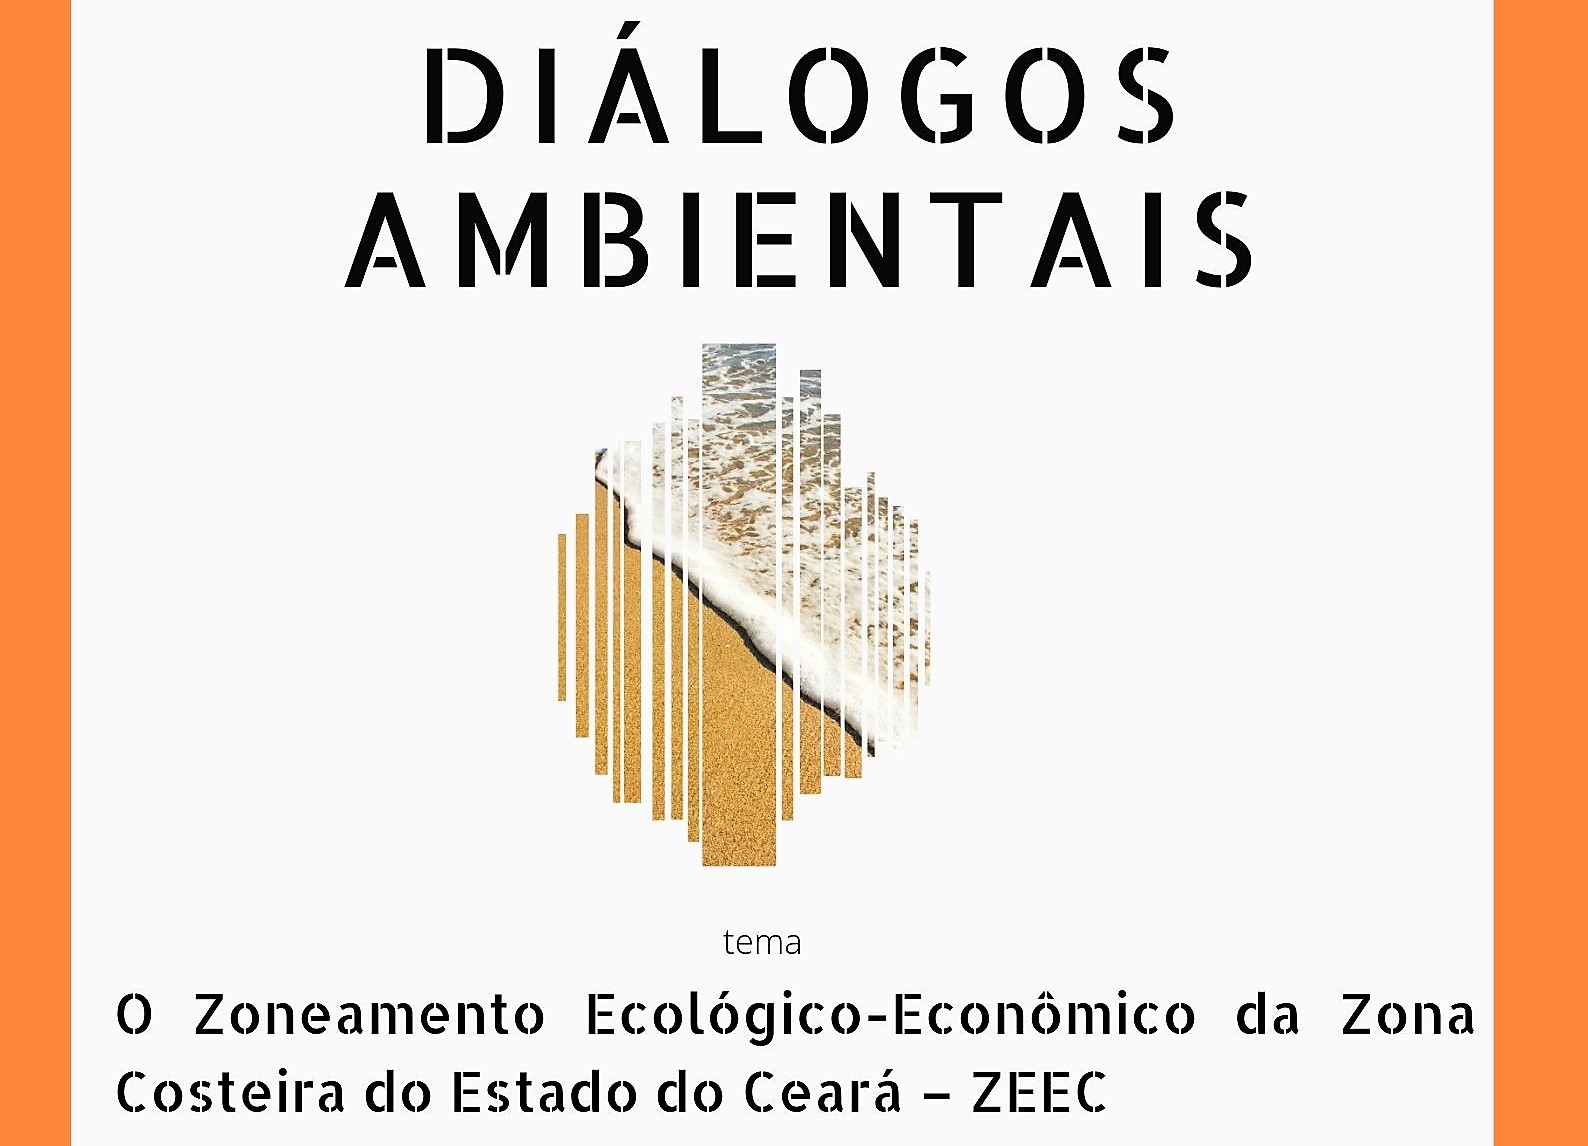 Diálogos Ambientais discutirão zoneamento costeiro